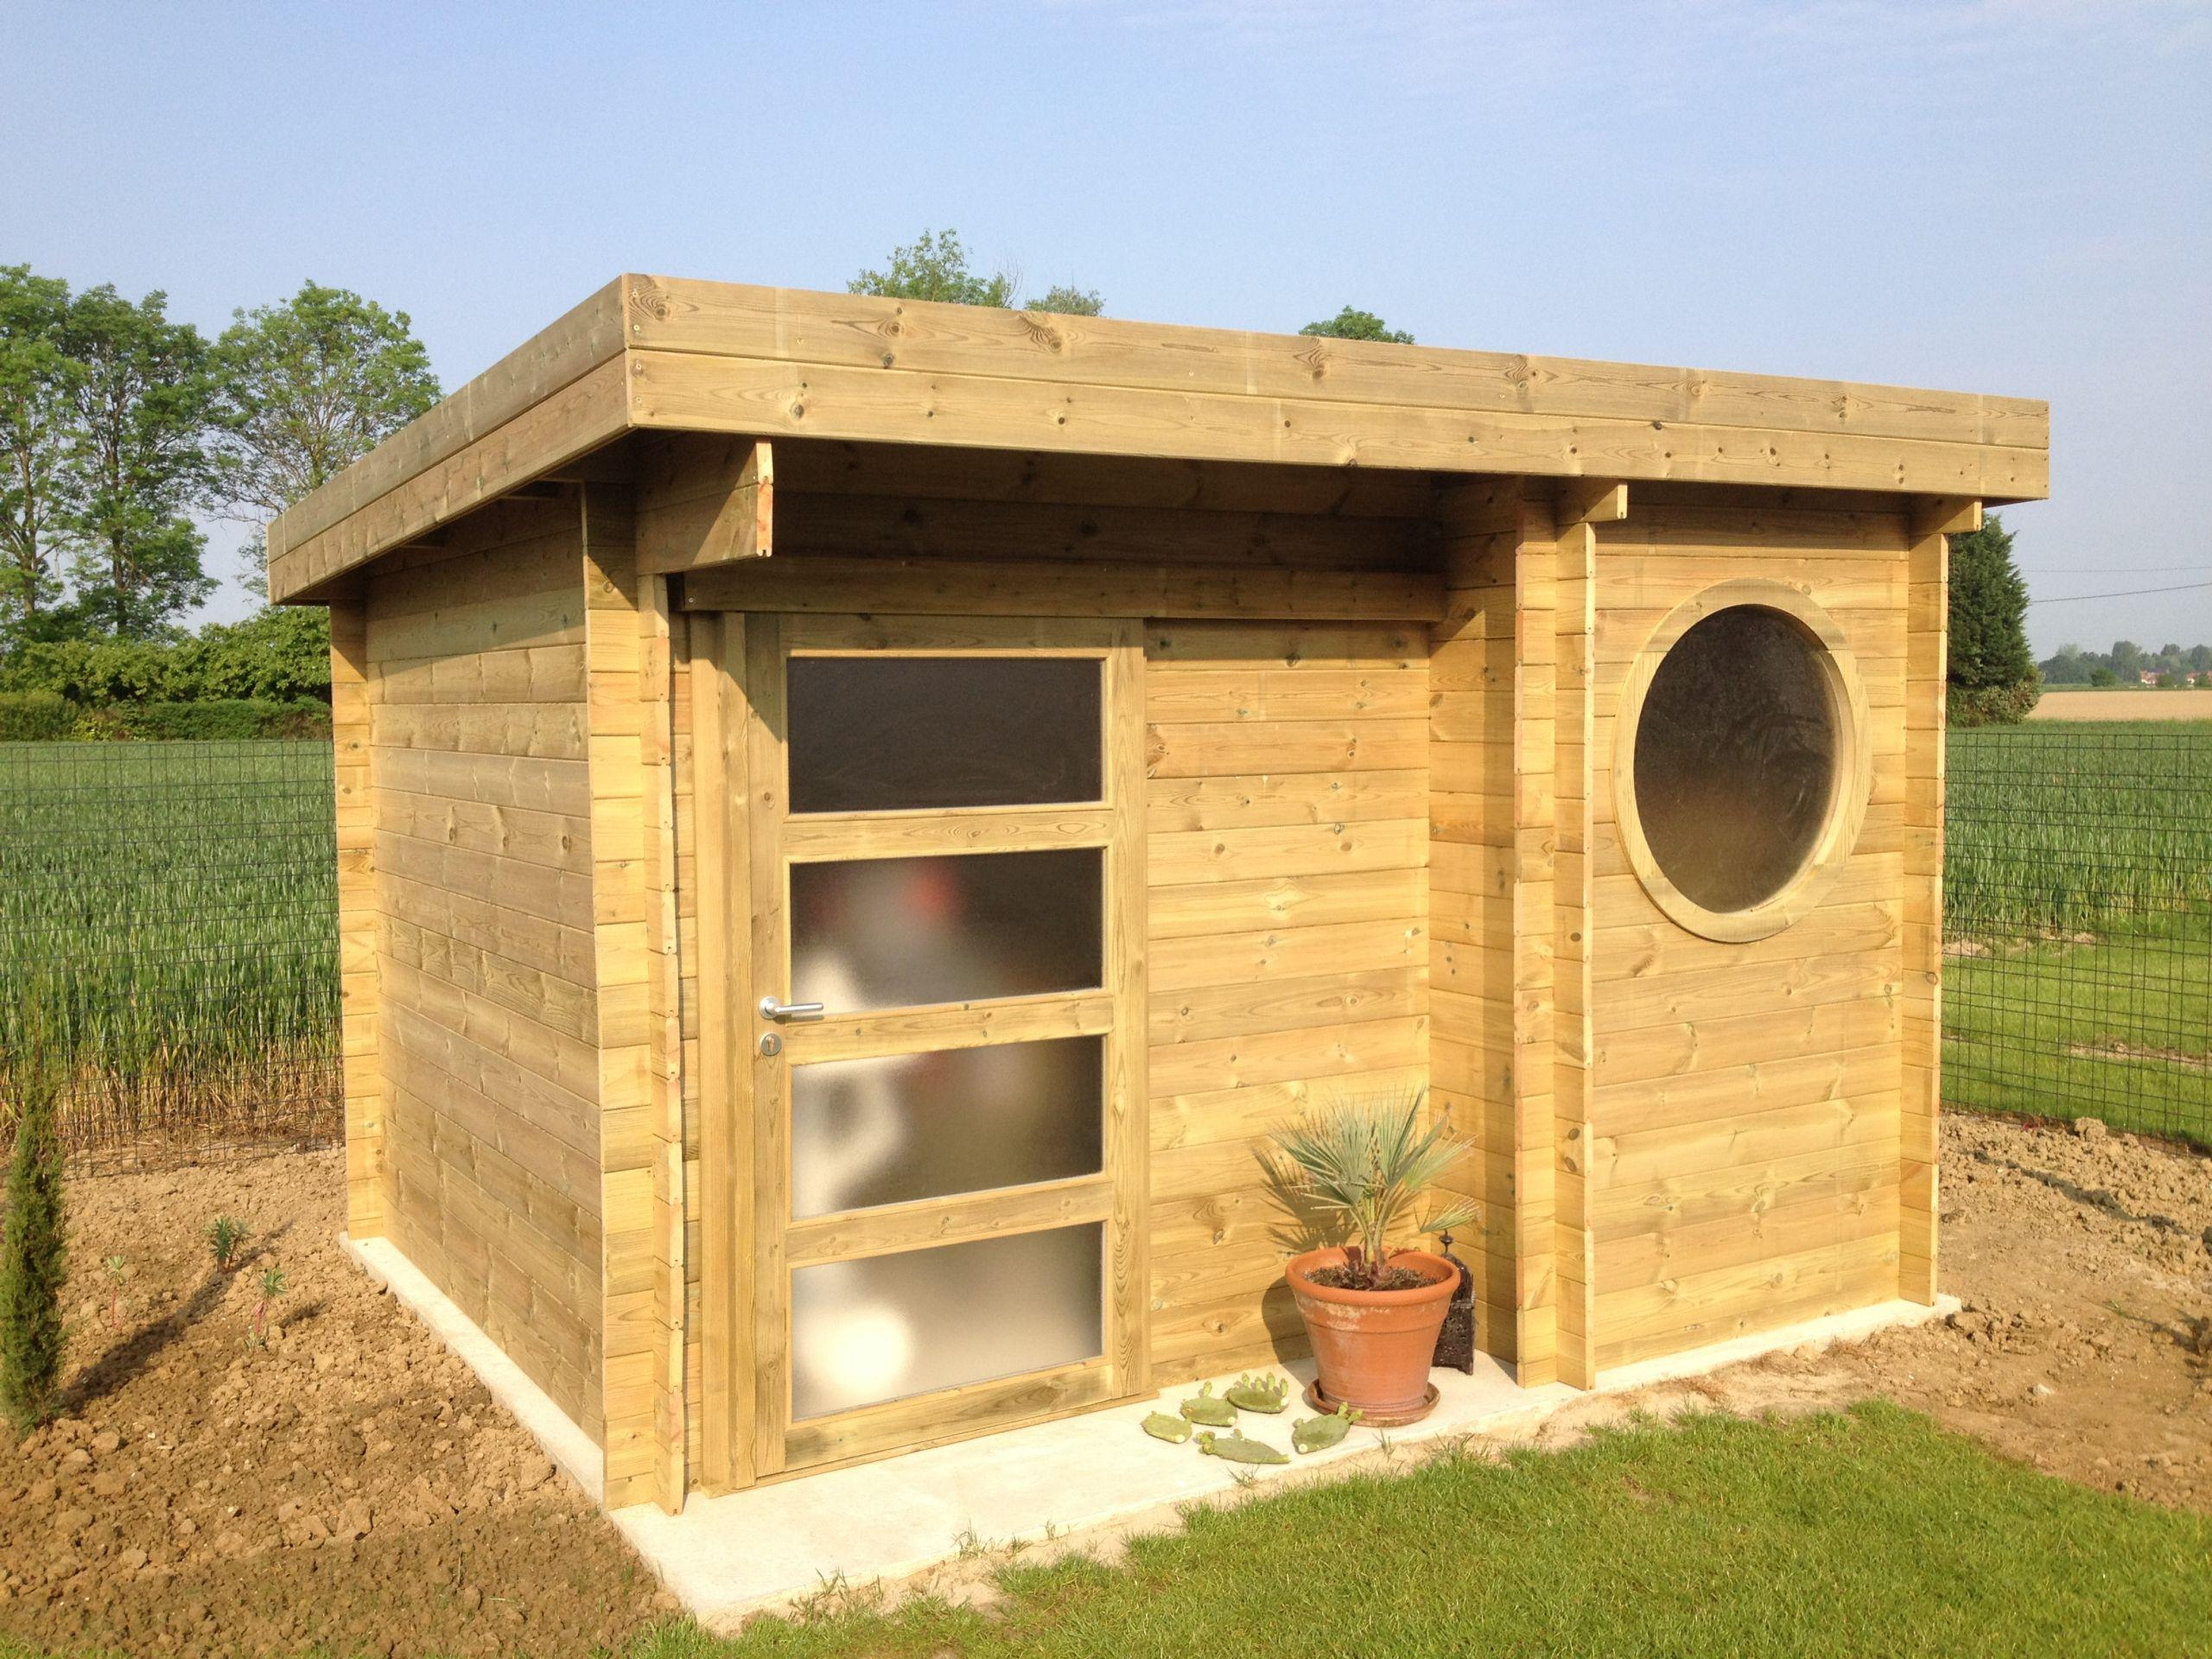 Abris jardin toit plat pas cher – Vente abri en bois de jardin